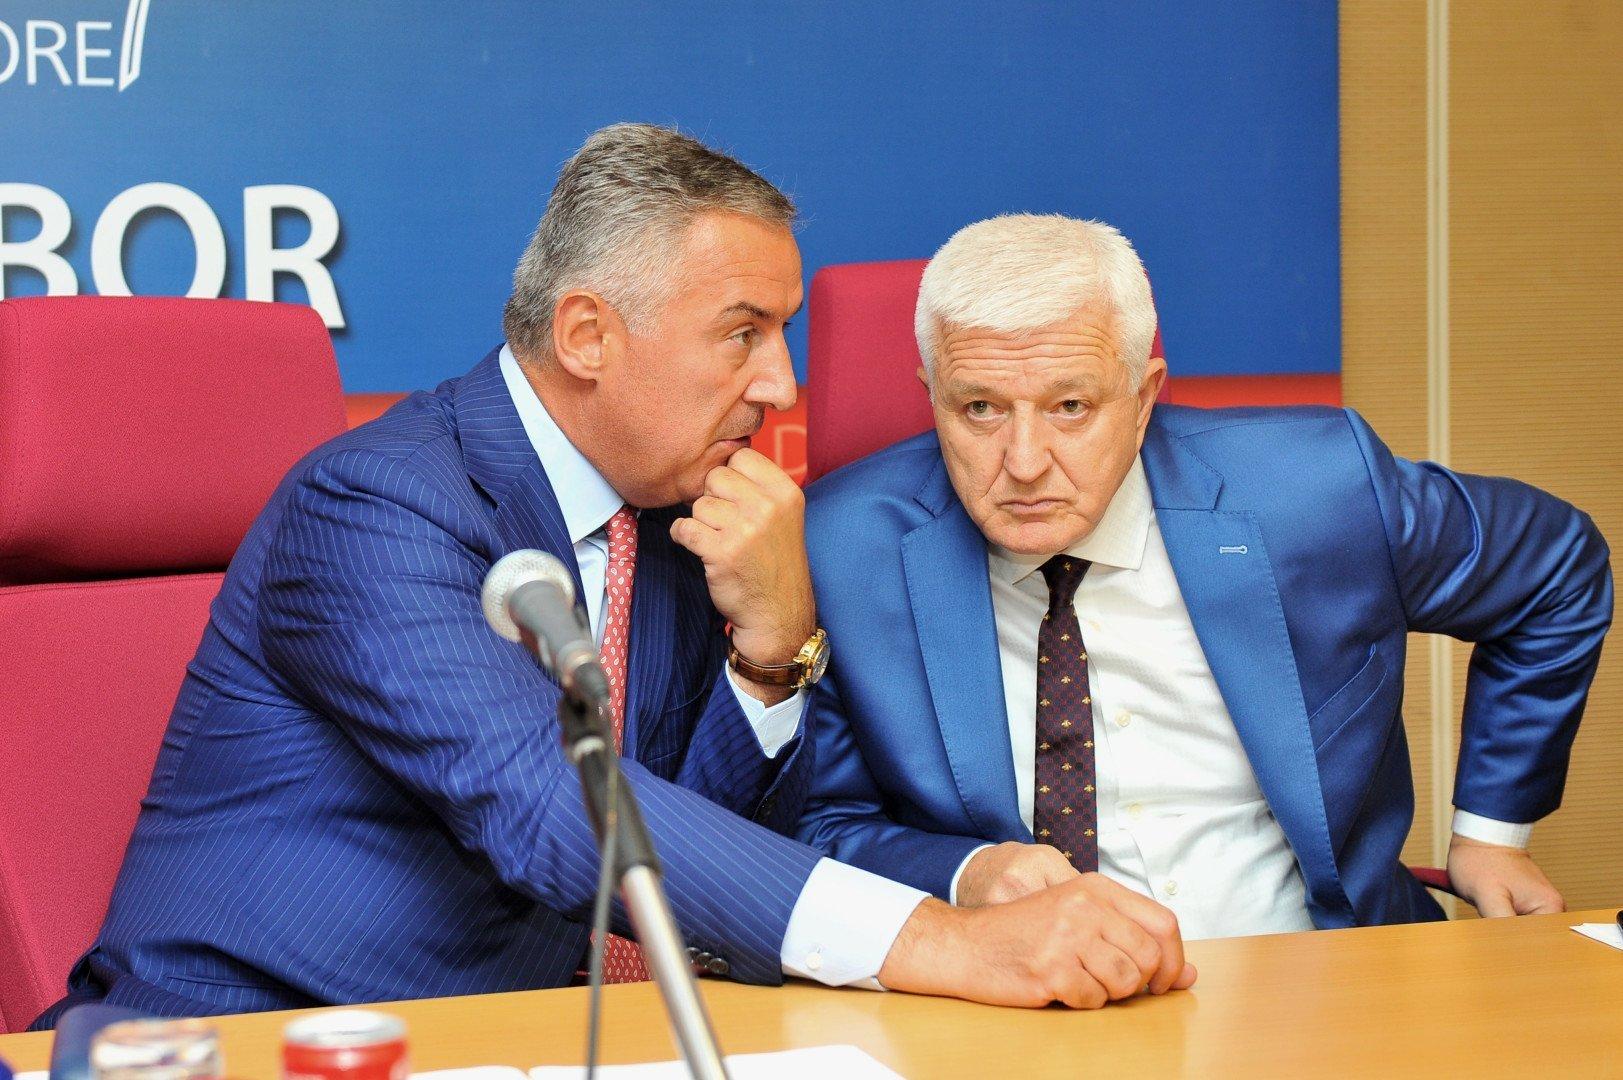 Istraživanje CEDEM-a: DPS-u ubjedljivo najveća podrška; Marković i Đukanović najbolje ocijenjeni političari